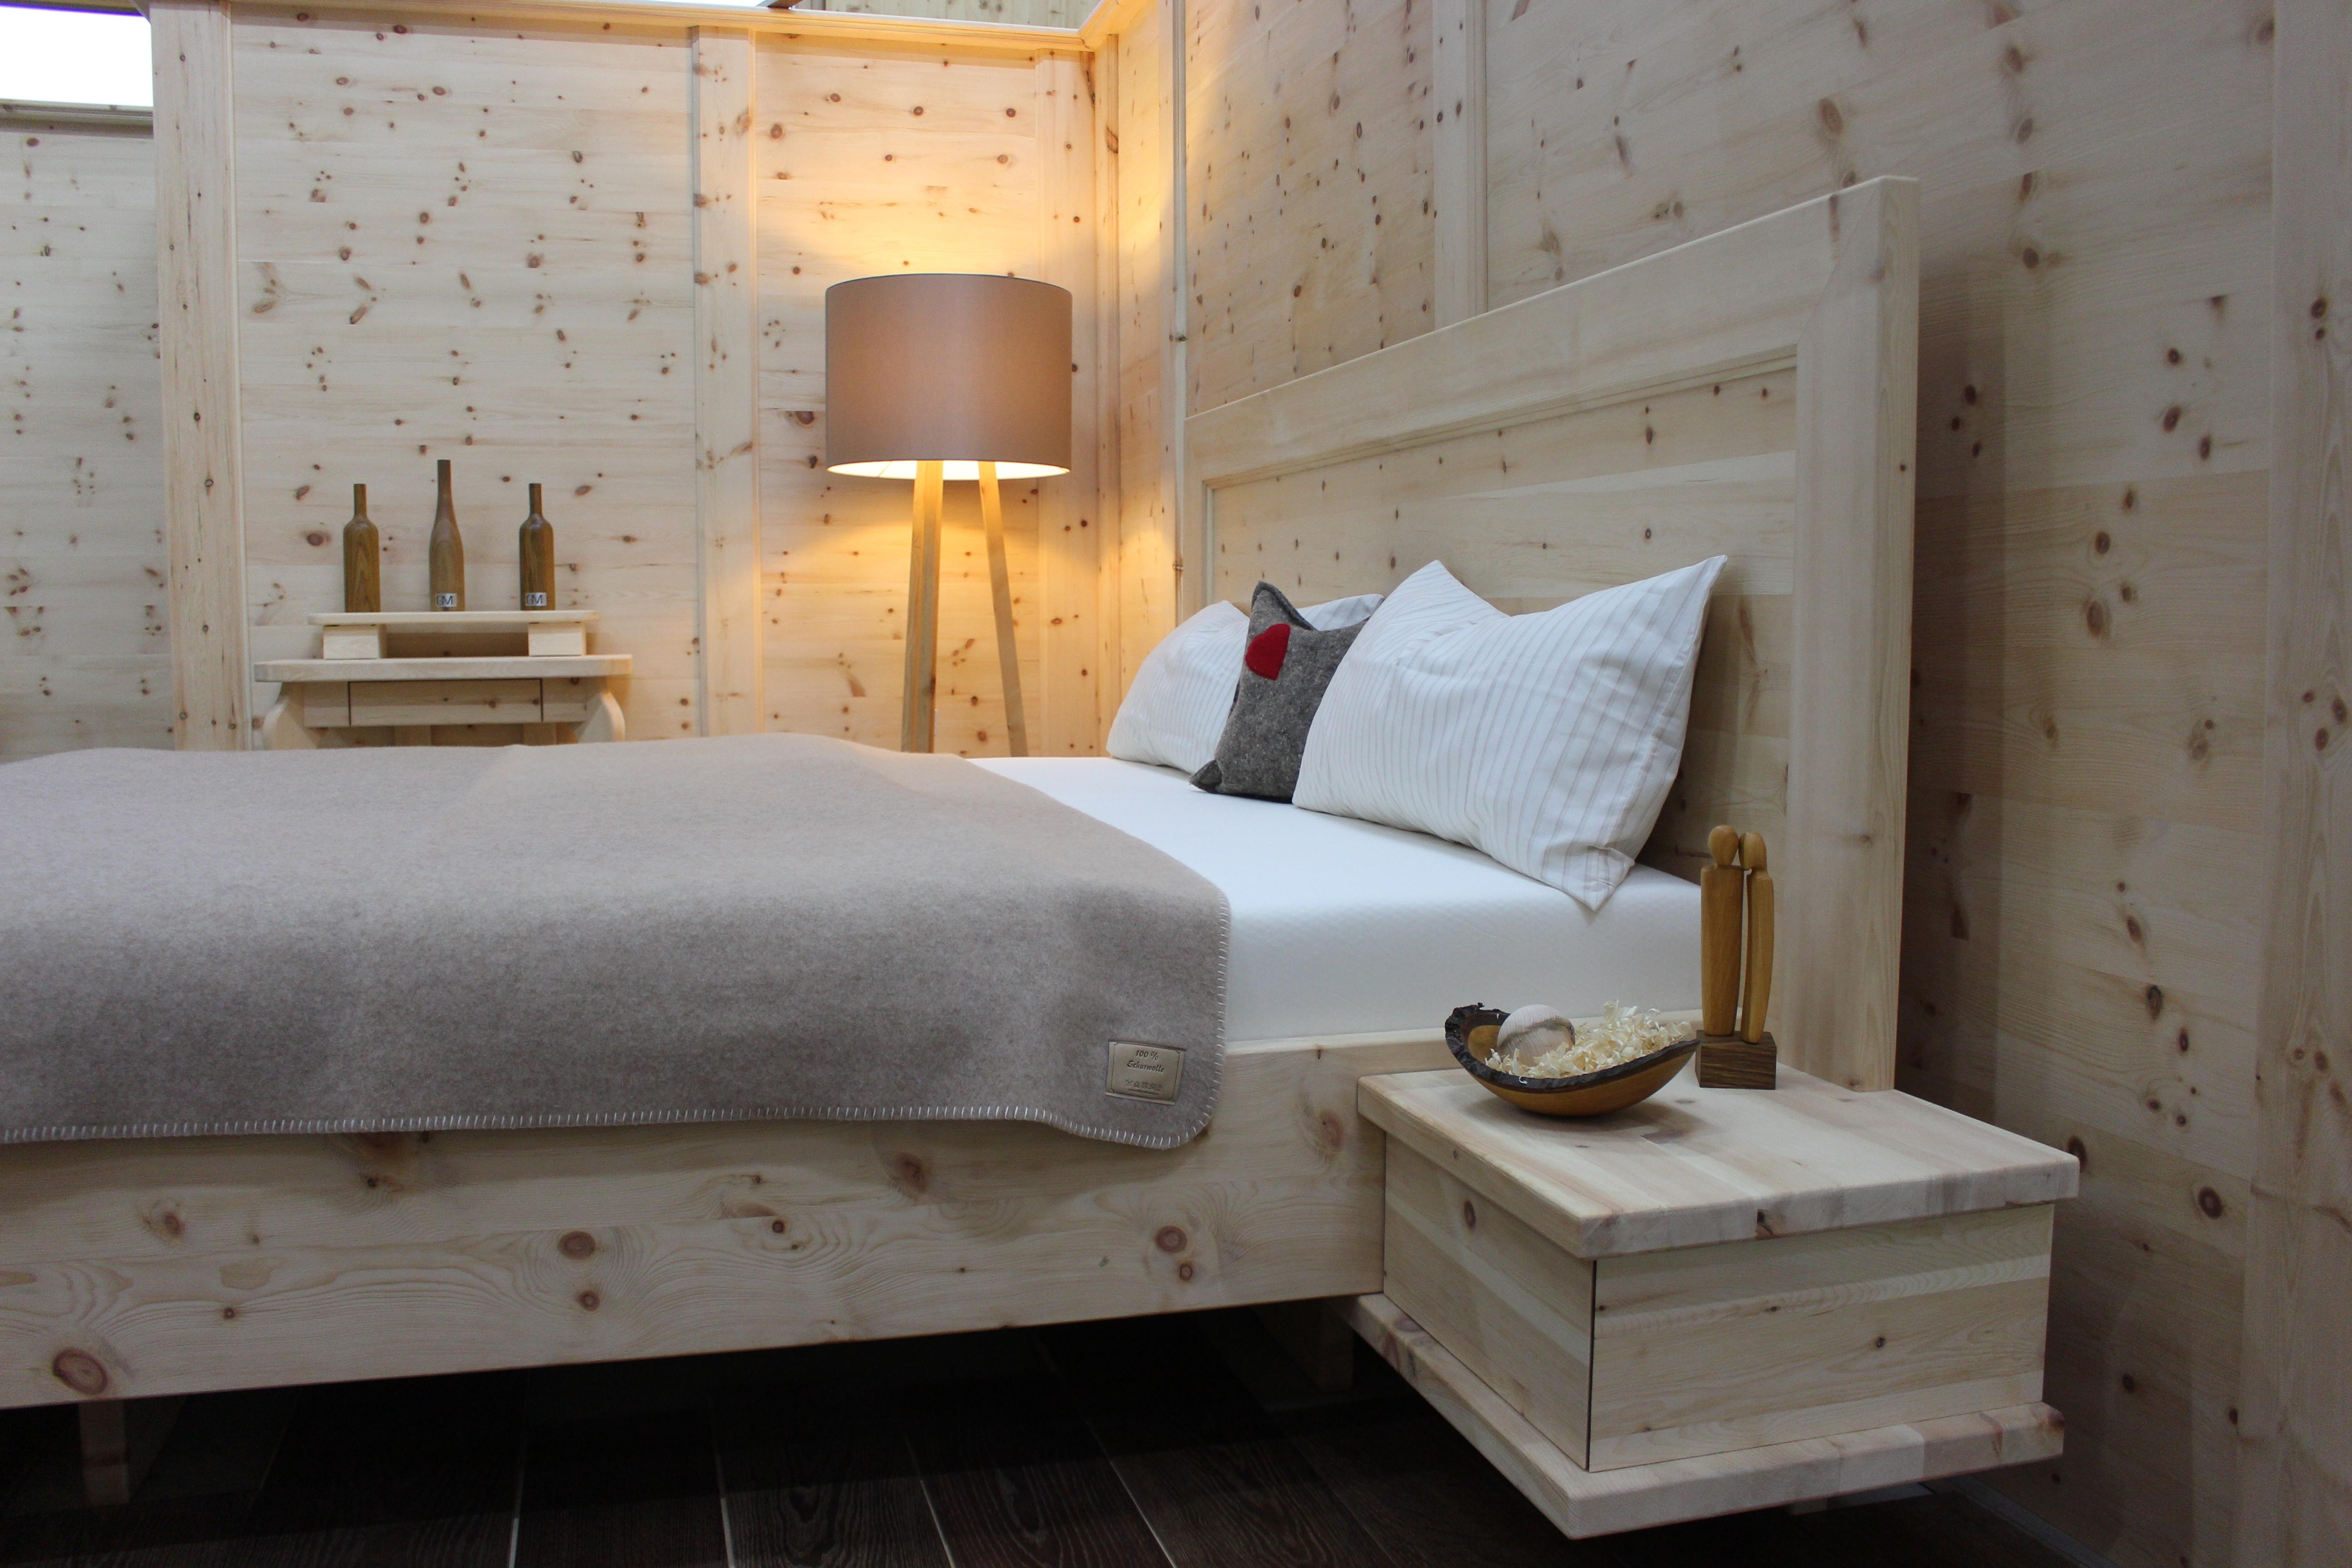 wirkung der zirbe | zirbe | strantz manfred - tischlerei für, Schlafzimmer entwurf